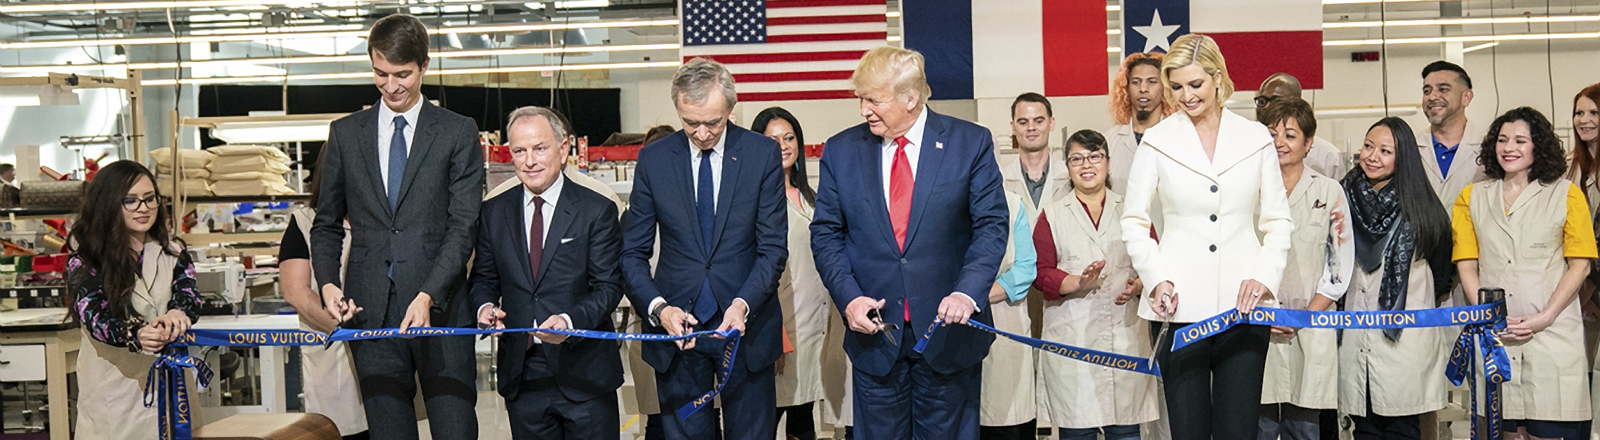 US-Präsident Donald Trump schneidet bei der Eröffnung des Louis Vuitton Werks in Texas ein blaues Band durch